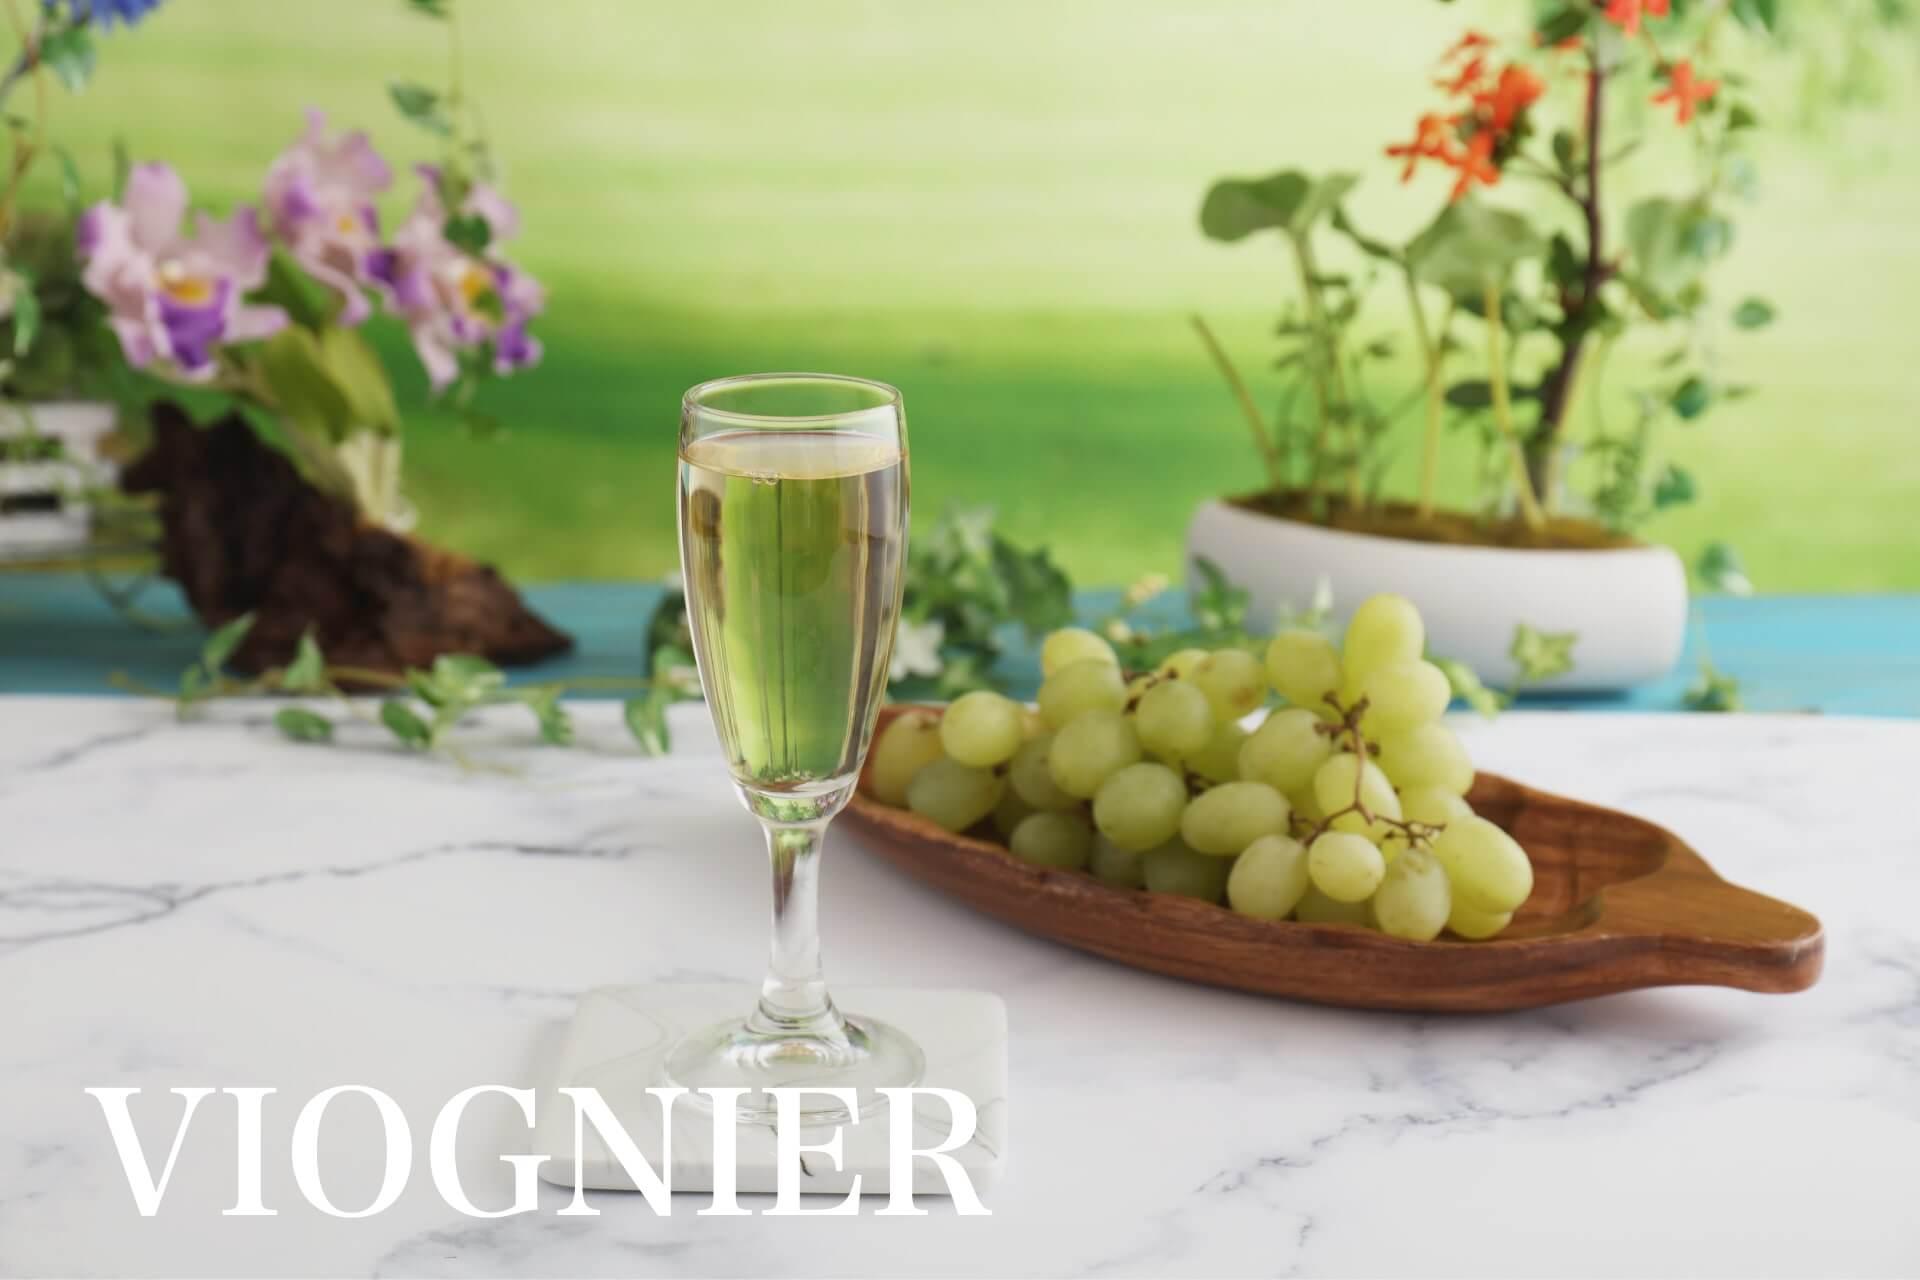 ヴィオニエ(ワイン)のメインビジュアルの画像